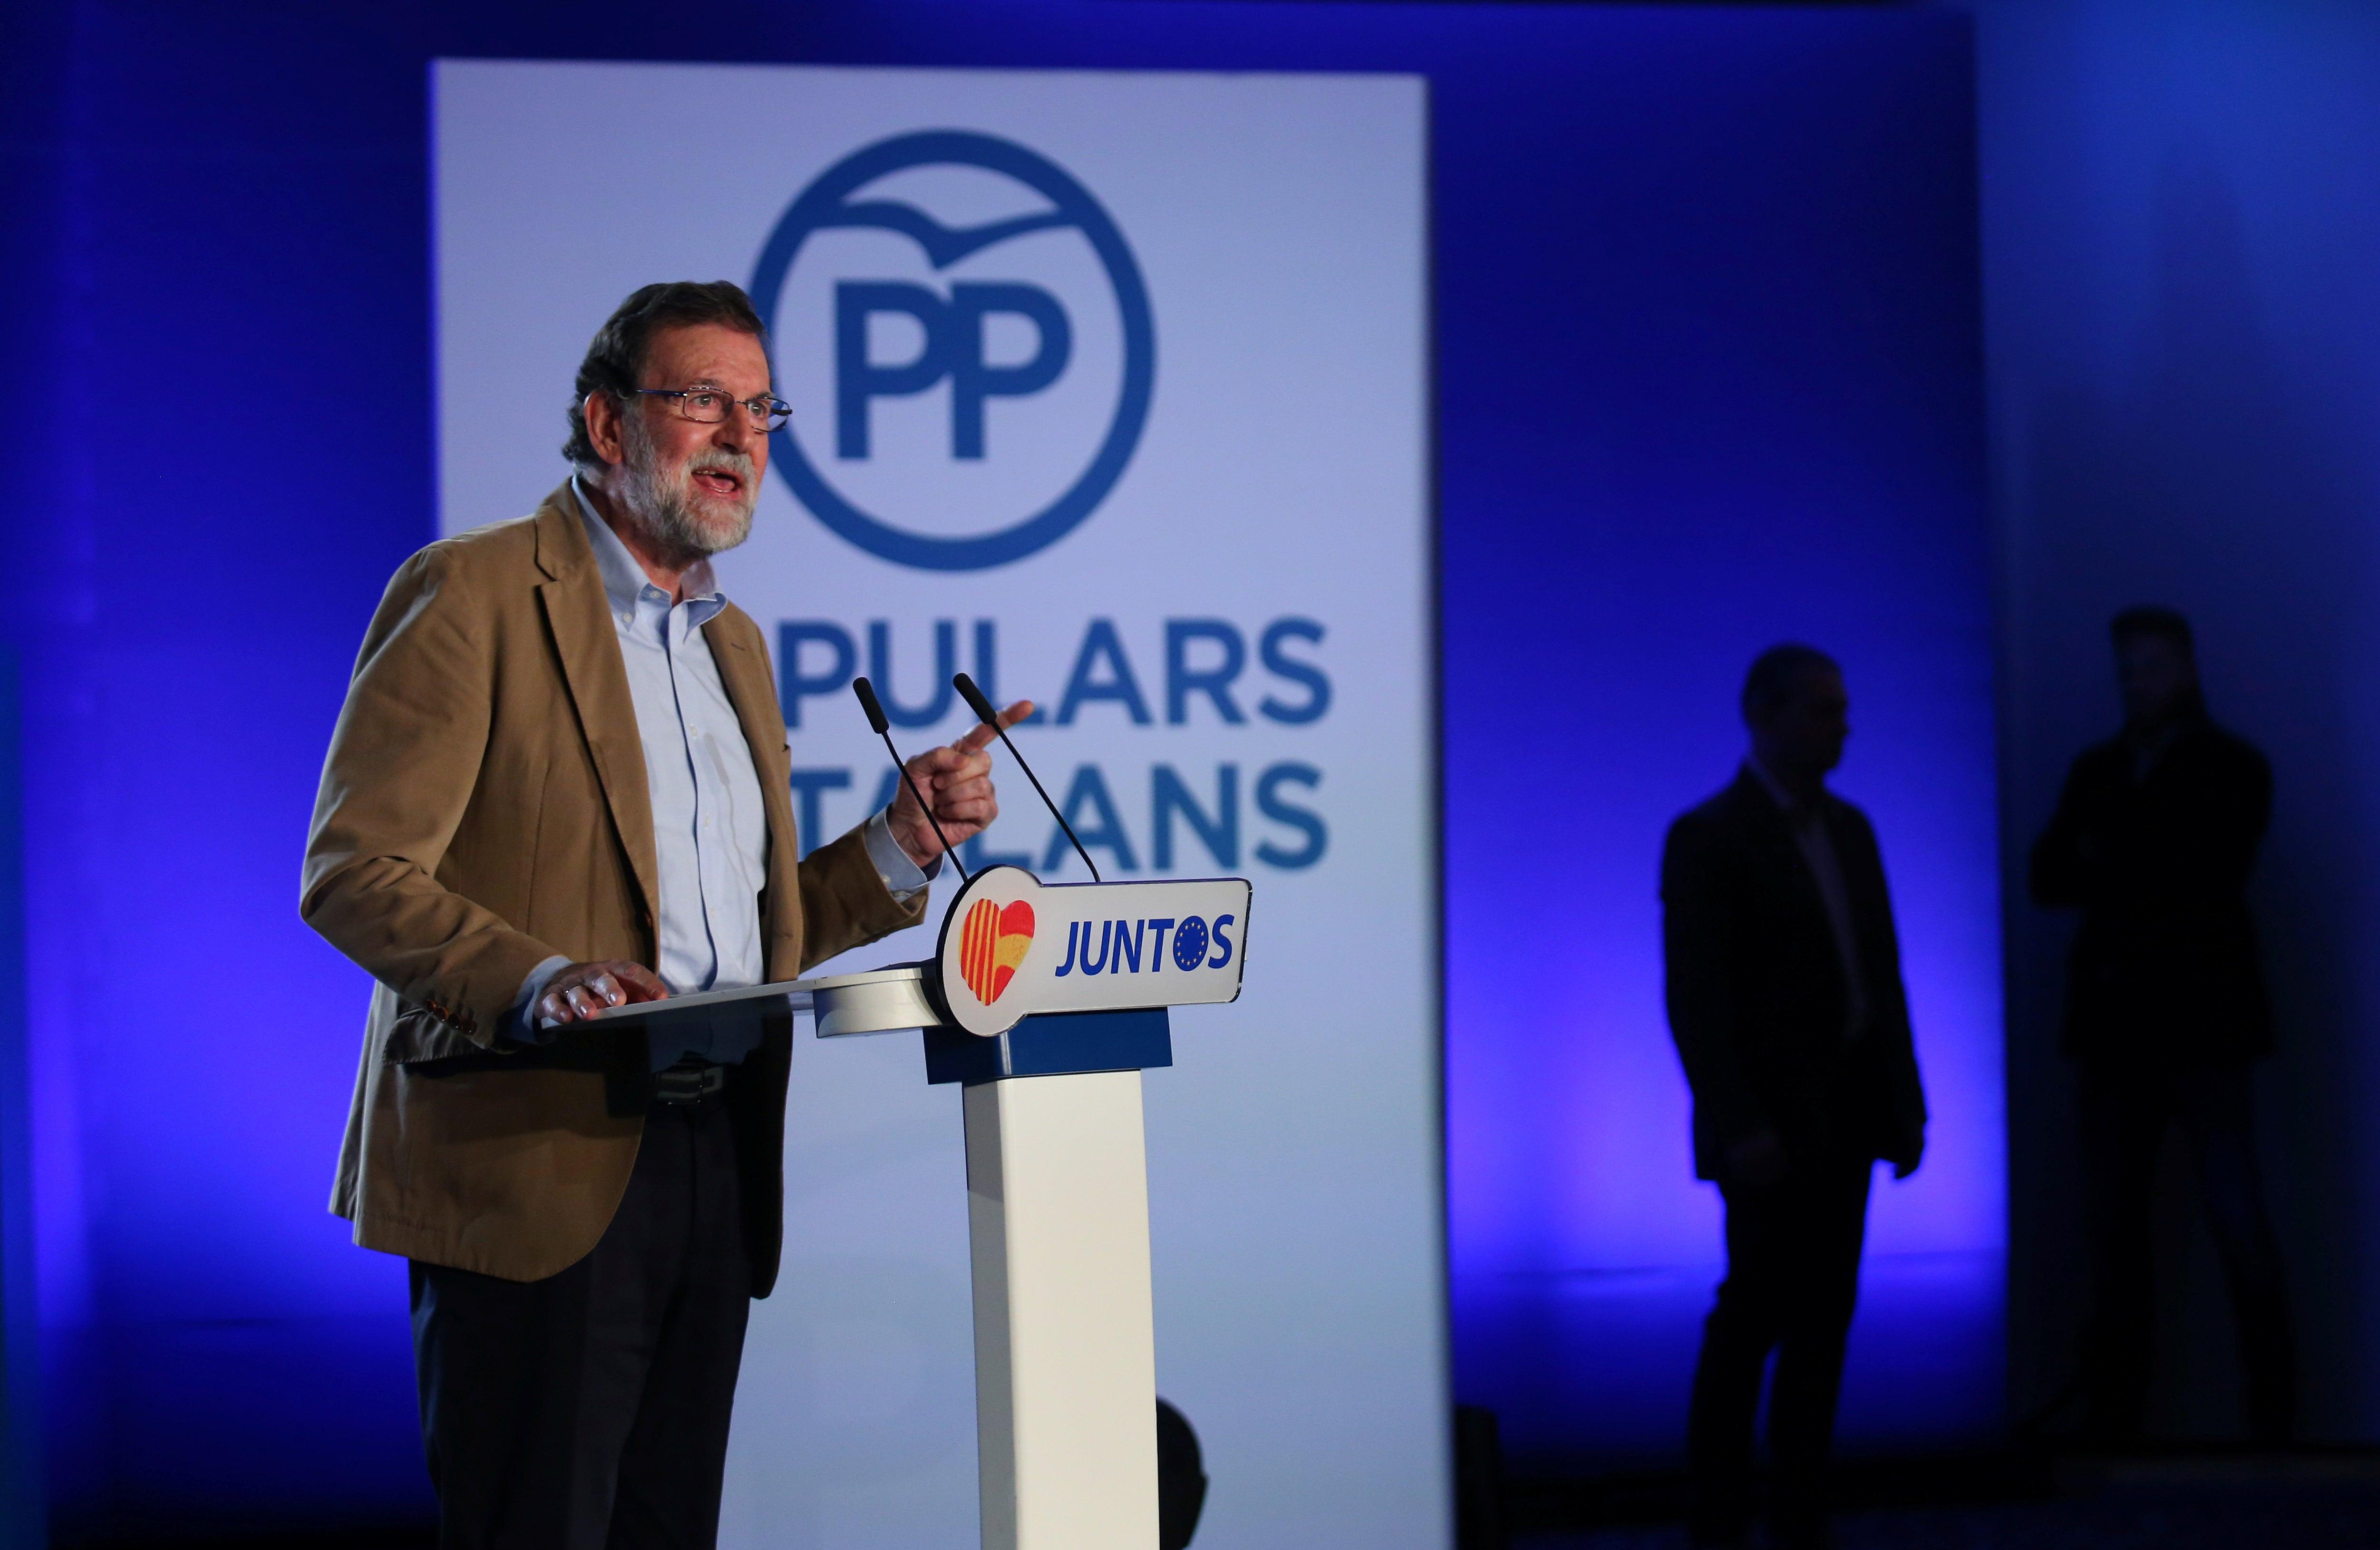 Mariano Rajoy pede voto da